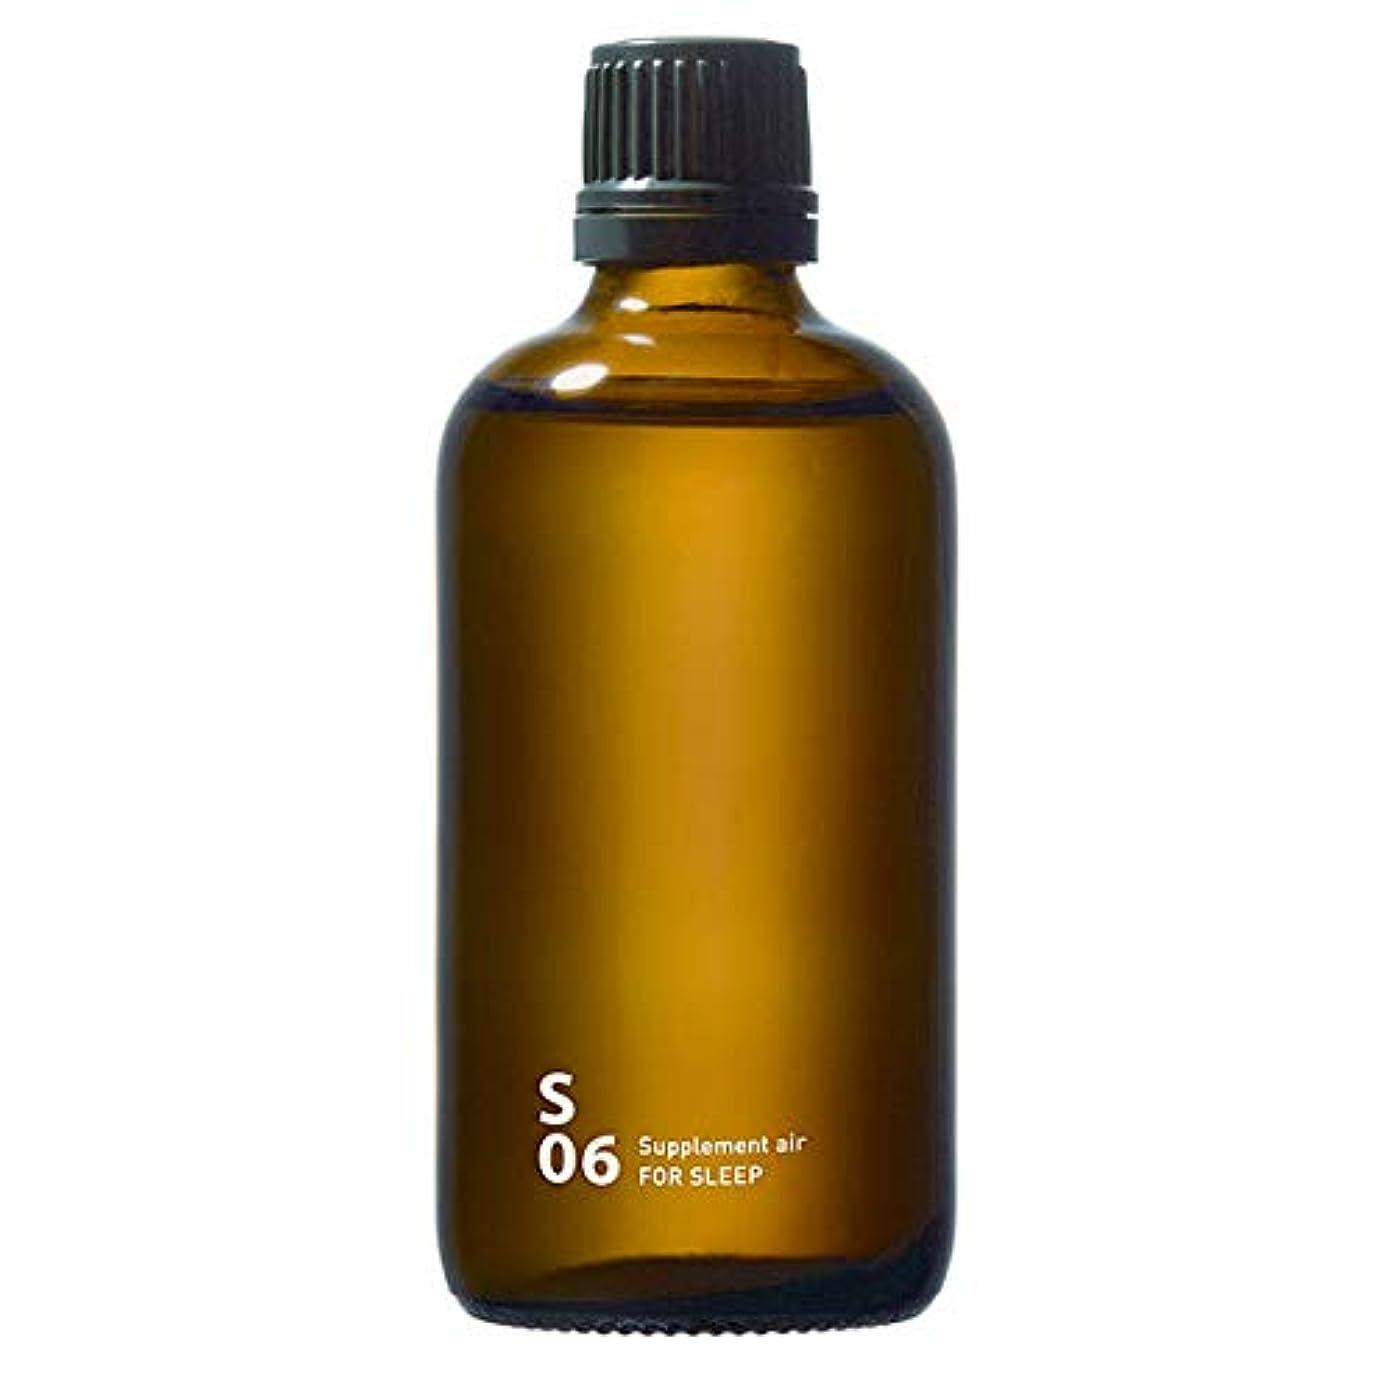 控えめな名誉影響するS06 FOR SLEEP piezo aroma oil 100ml